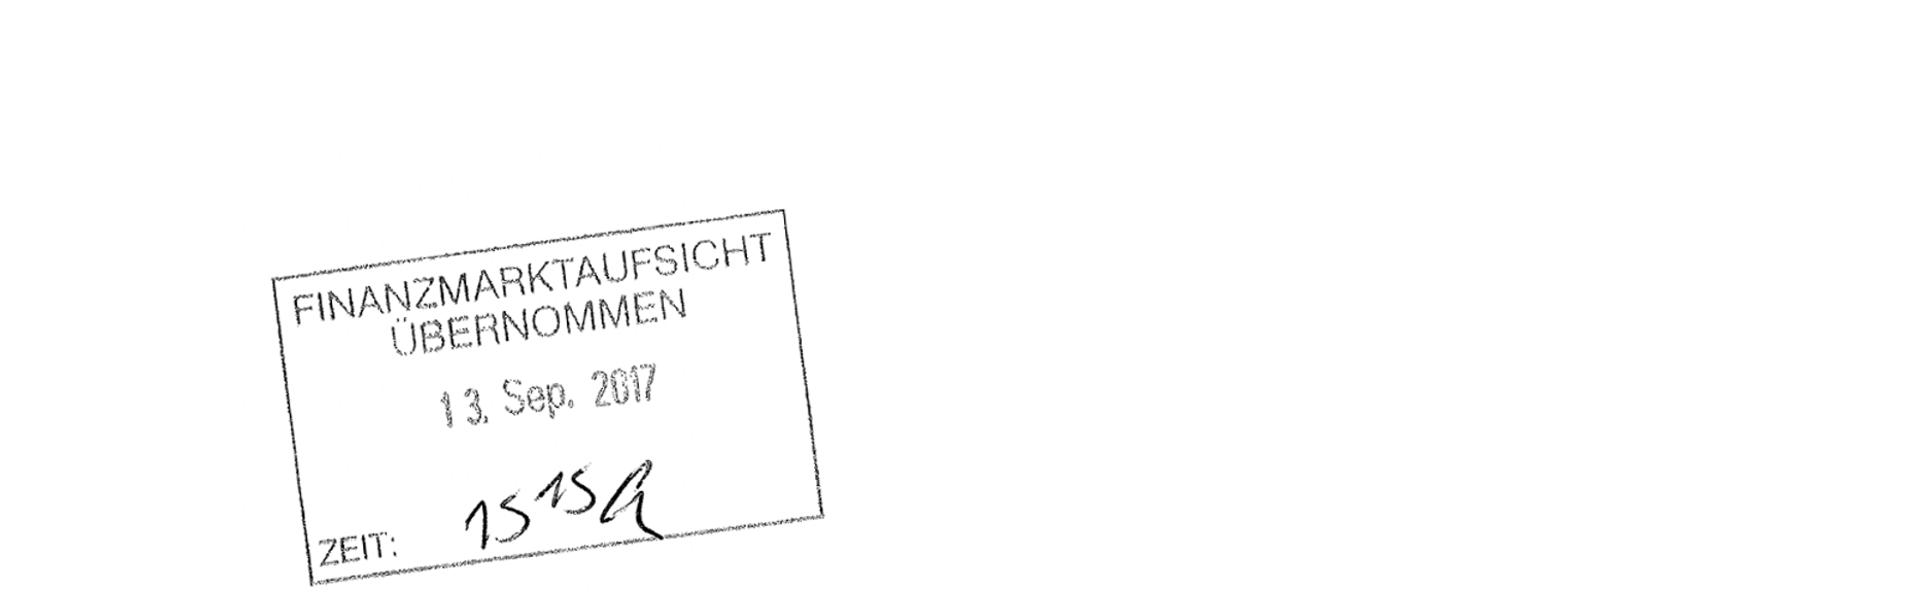 Posteingangstempel FMA - Einreichung Gemeinwohl-Konto